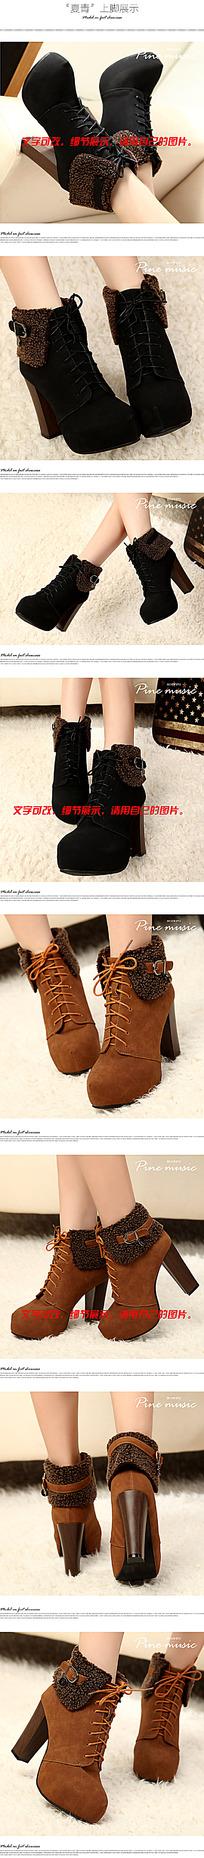 鞋子细节展示淘宝详情页